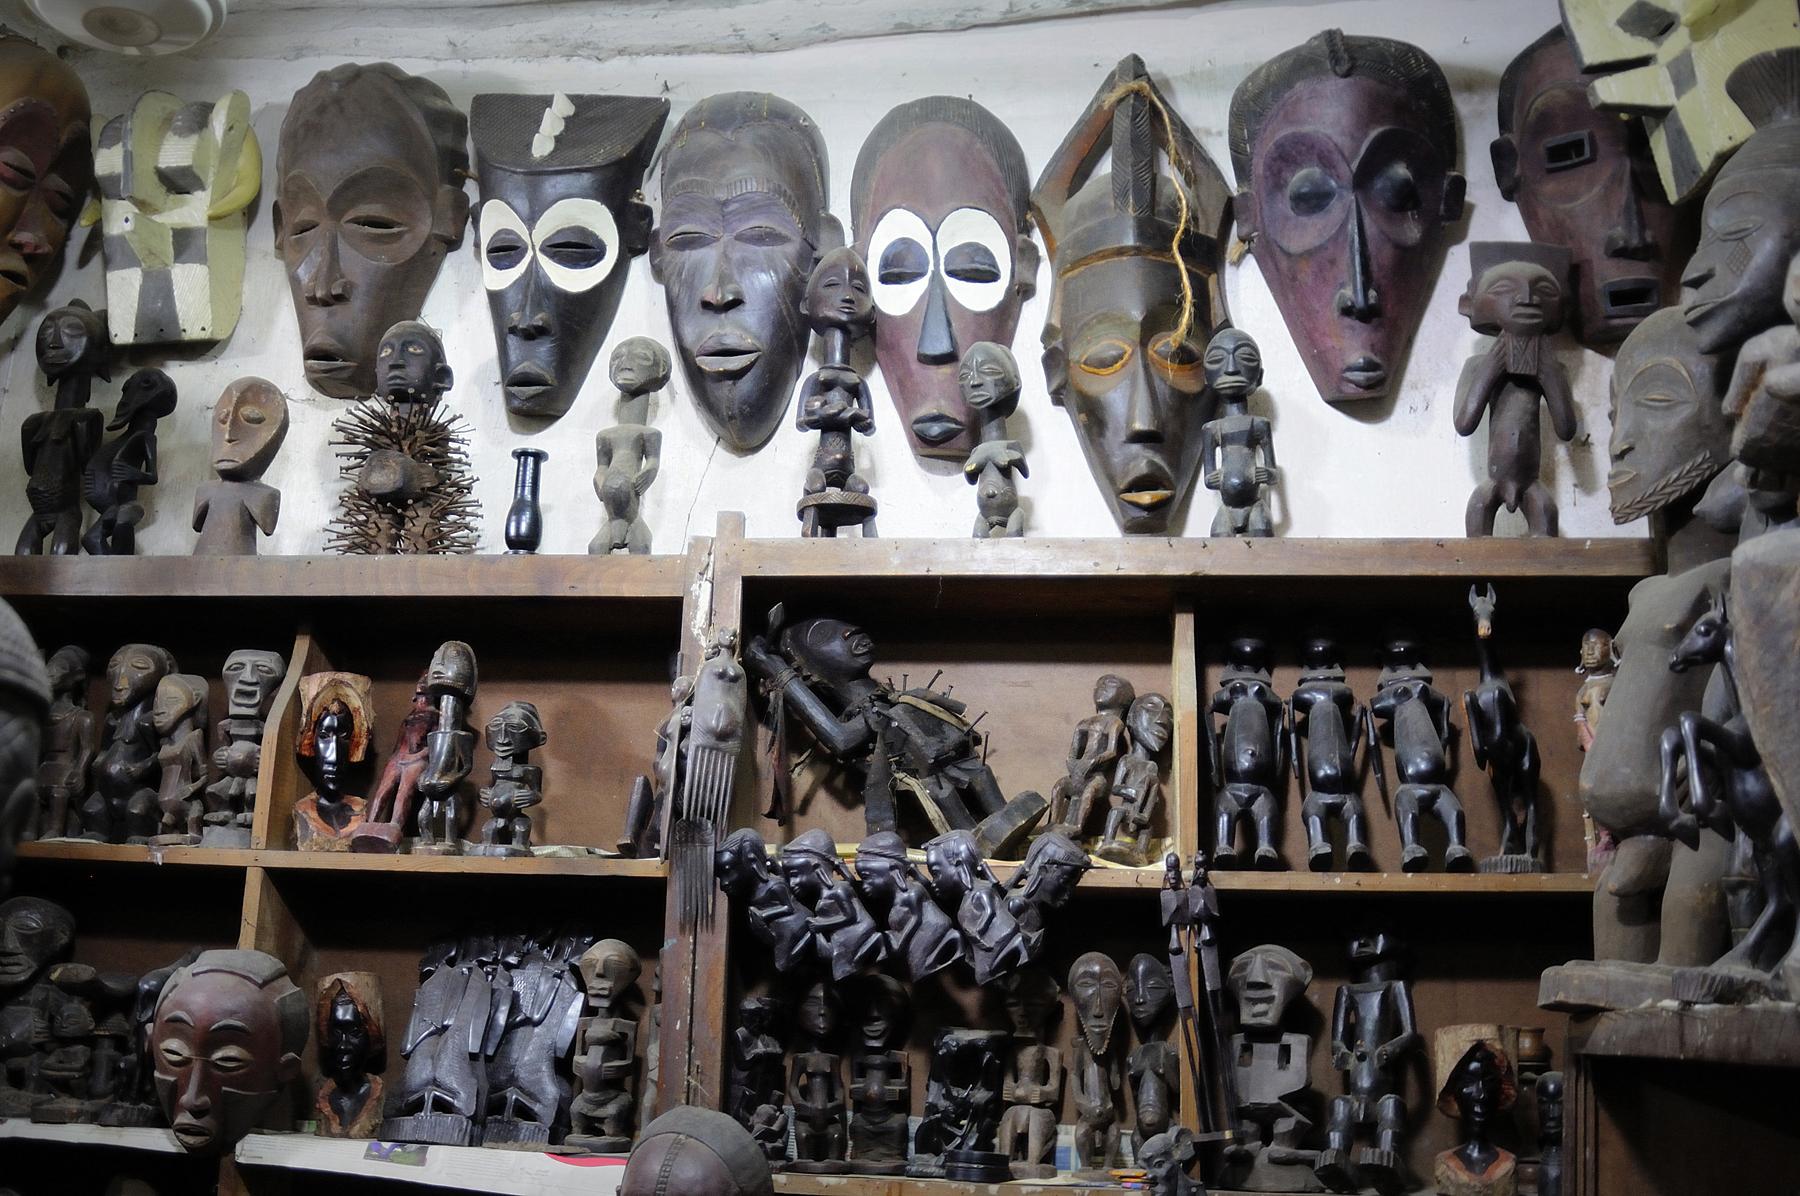 Маски и статуэтки из дерева